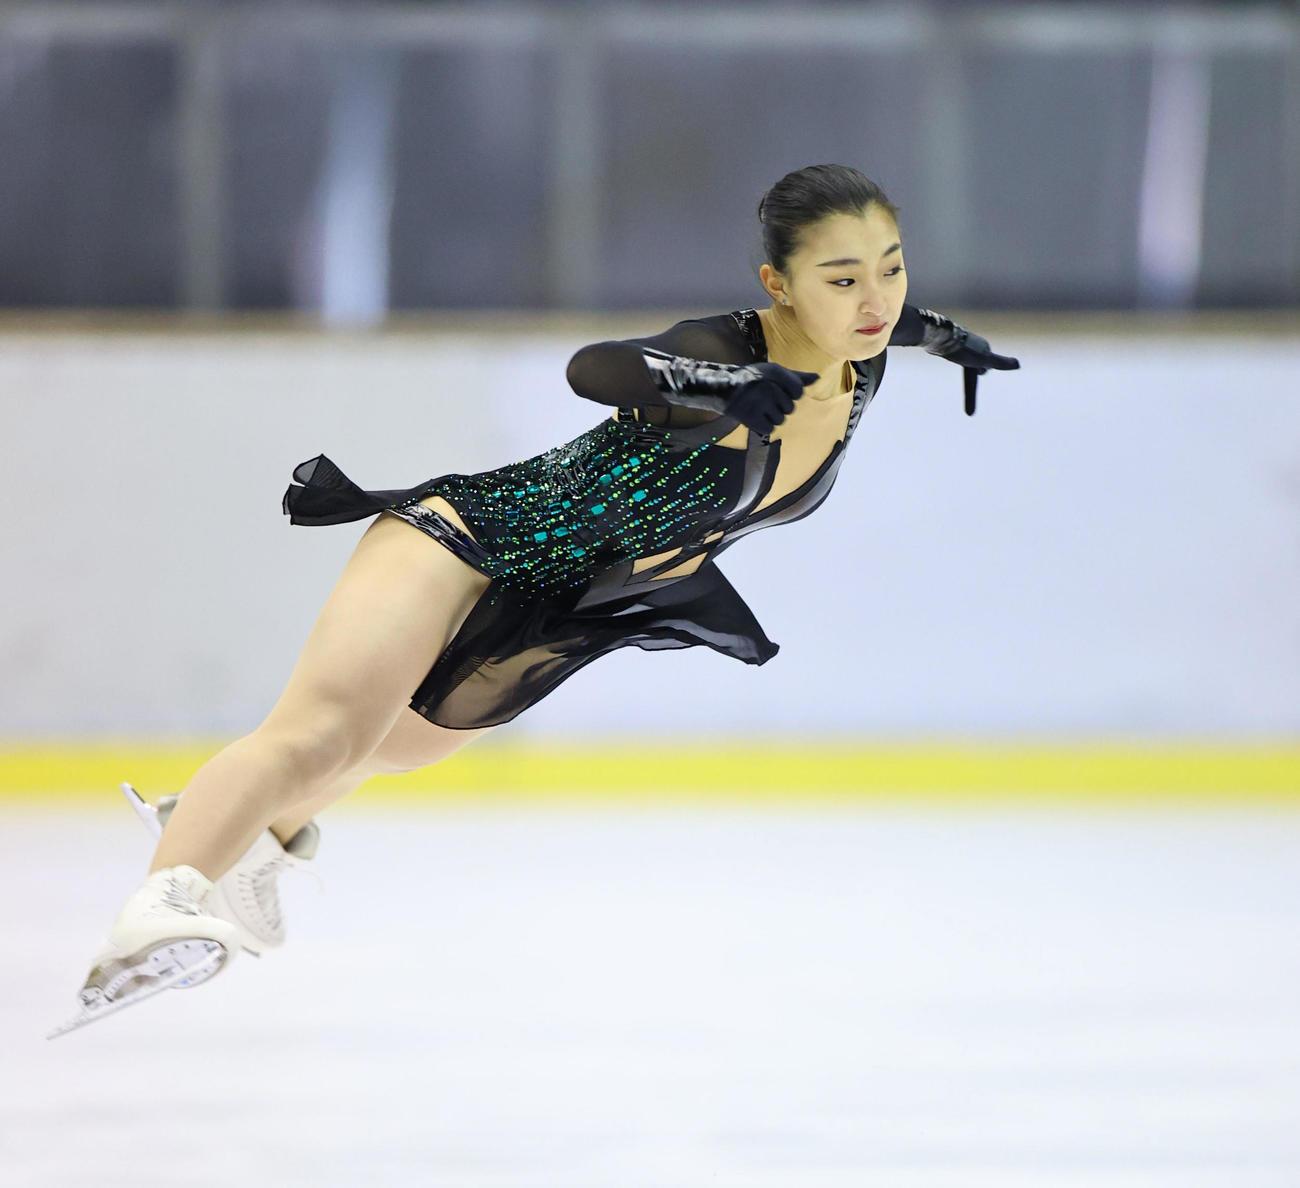 冬季国体2021 成年女子フリーで演技する坂本花織(代表撮影)